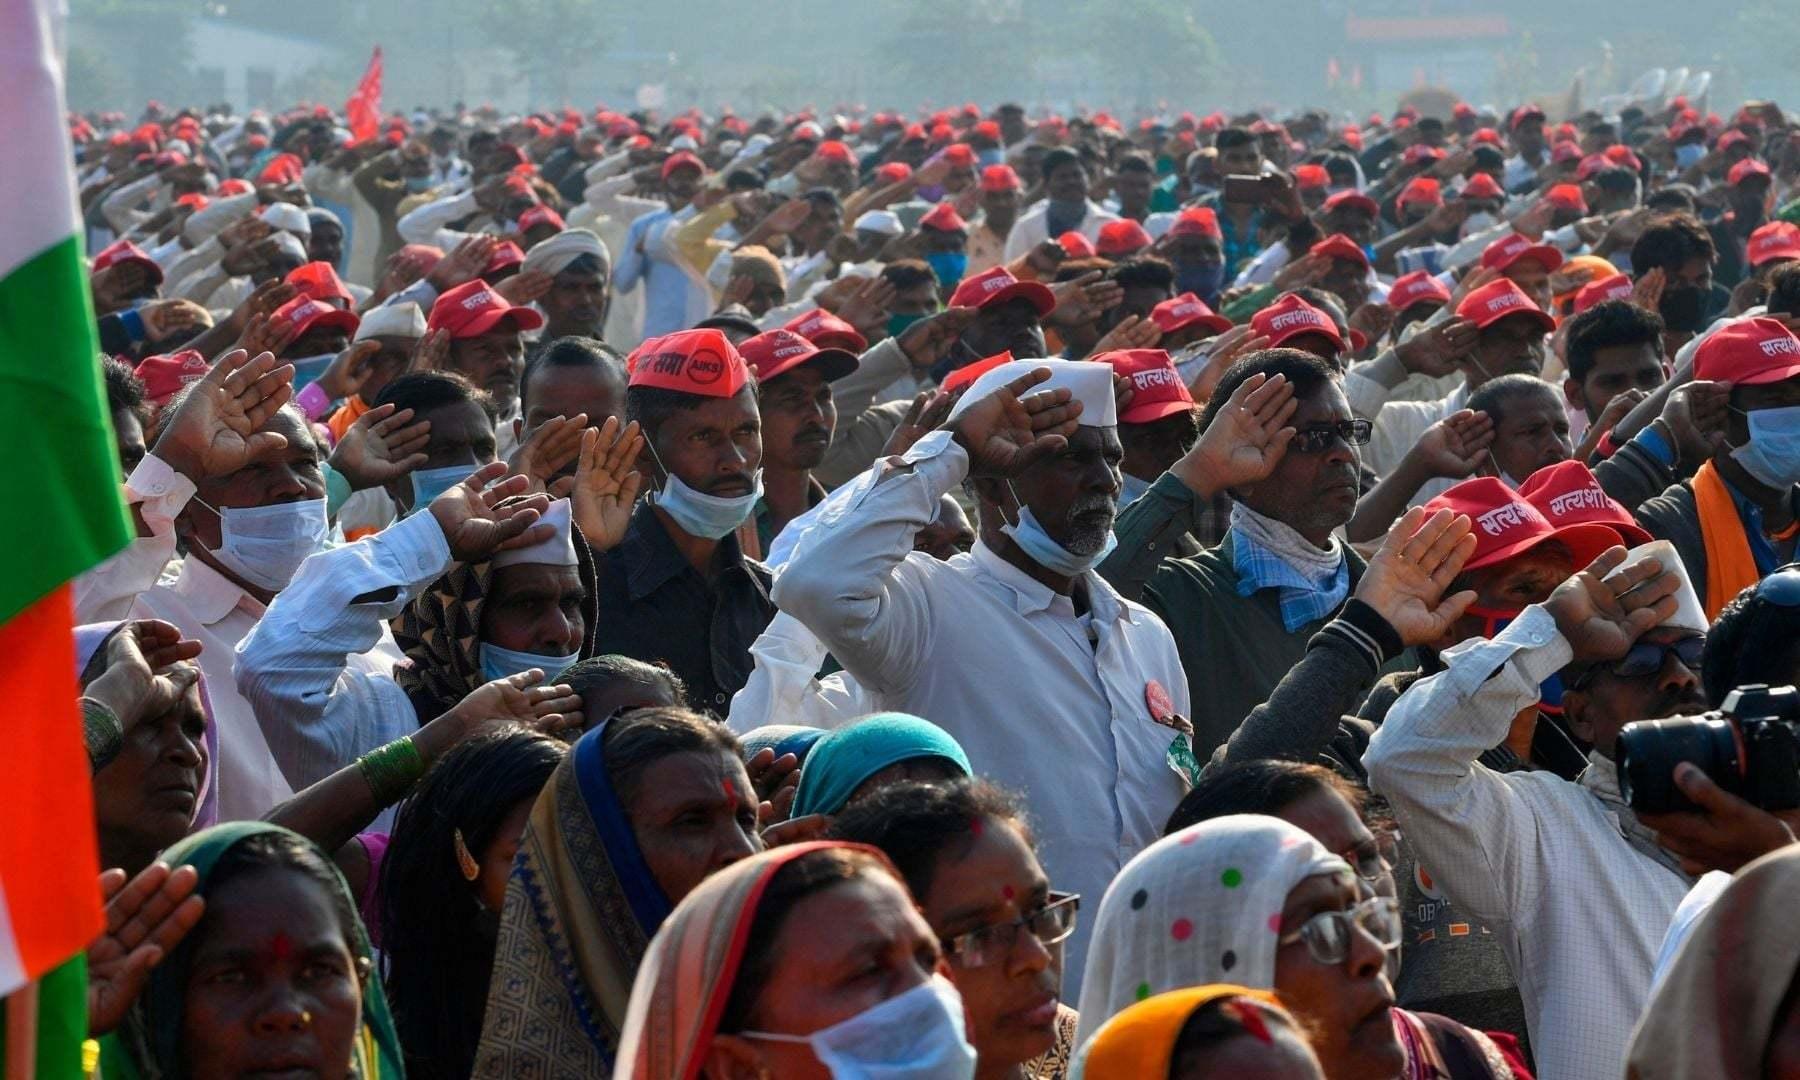 ممبئی میں ریاست مہاراشٹرا کے کسانوں نے ریلی نکالی اور بھارتی یوم جمہوریہ کے موقع پر قومی ترانہ سن رہے ہیں —فوٹو: اے ایف پی